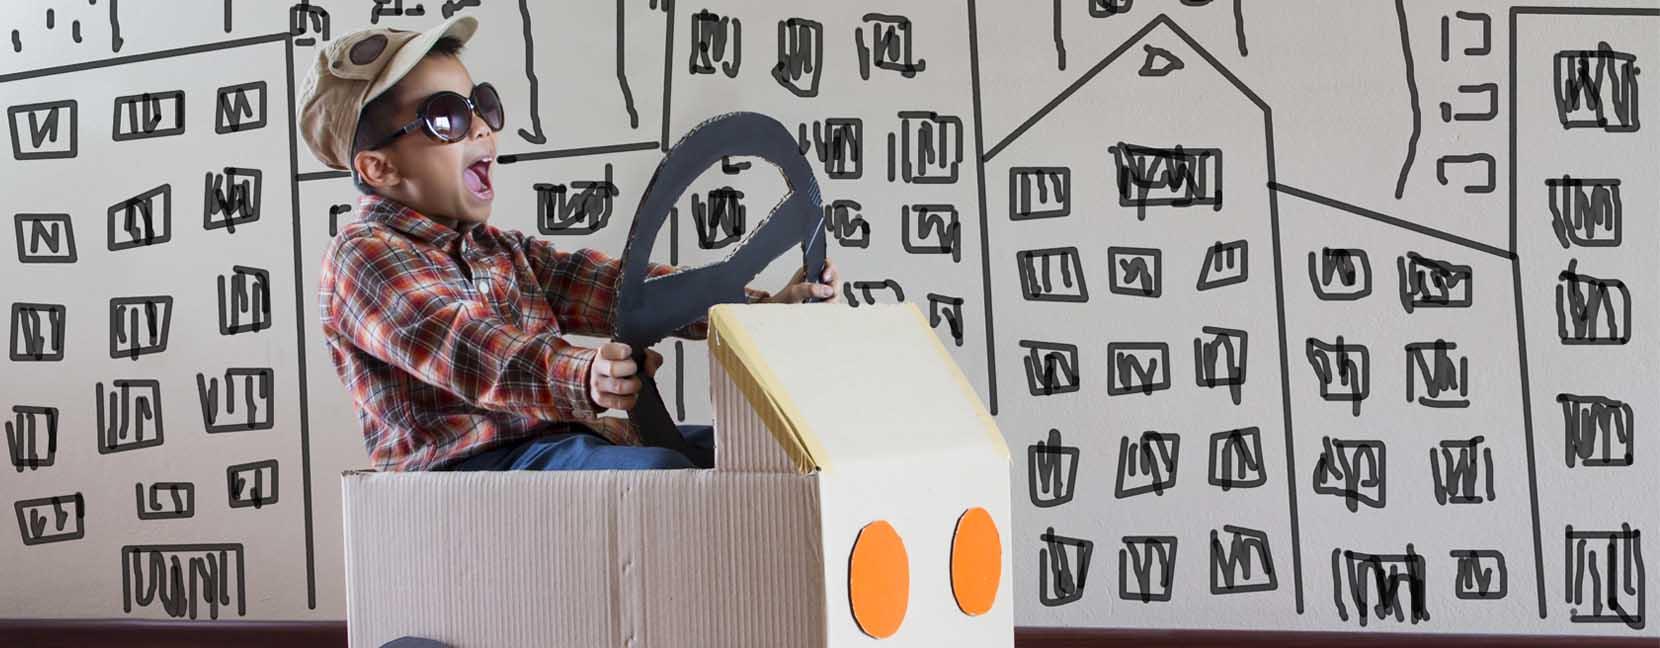 Bambino felicissimo alla guida di una macchina di cartone